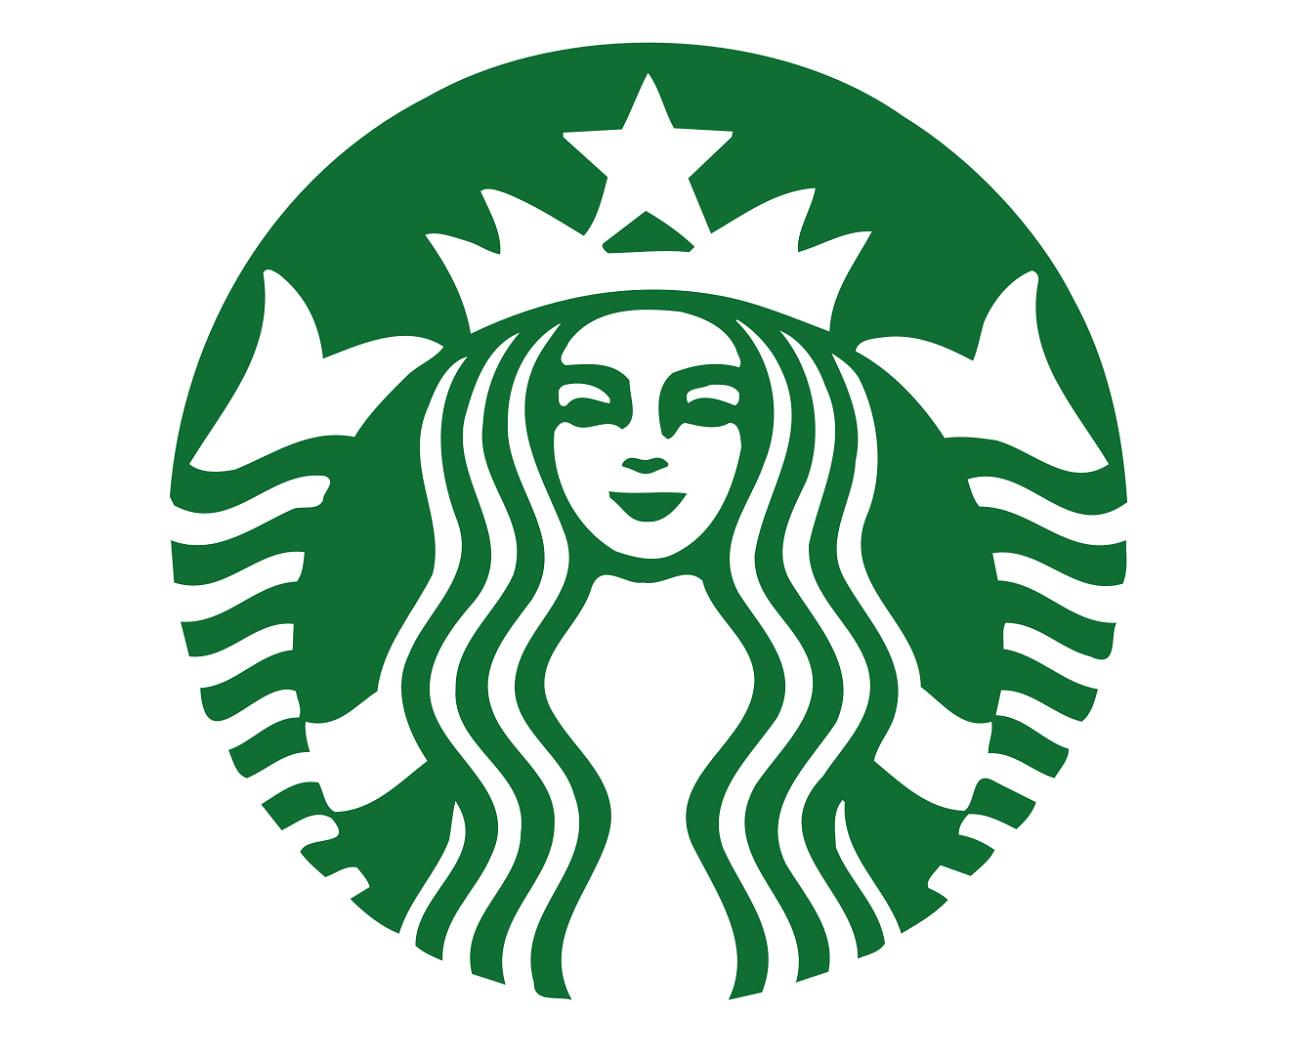 Significado del logo de Starbucks